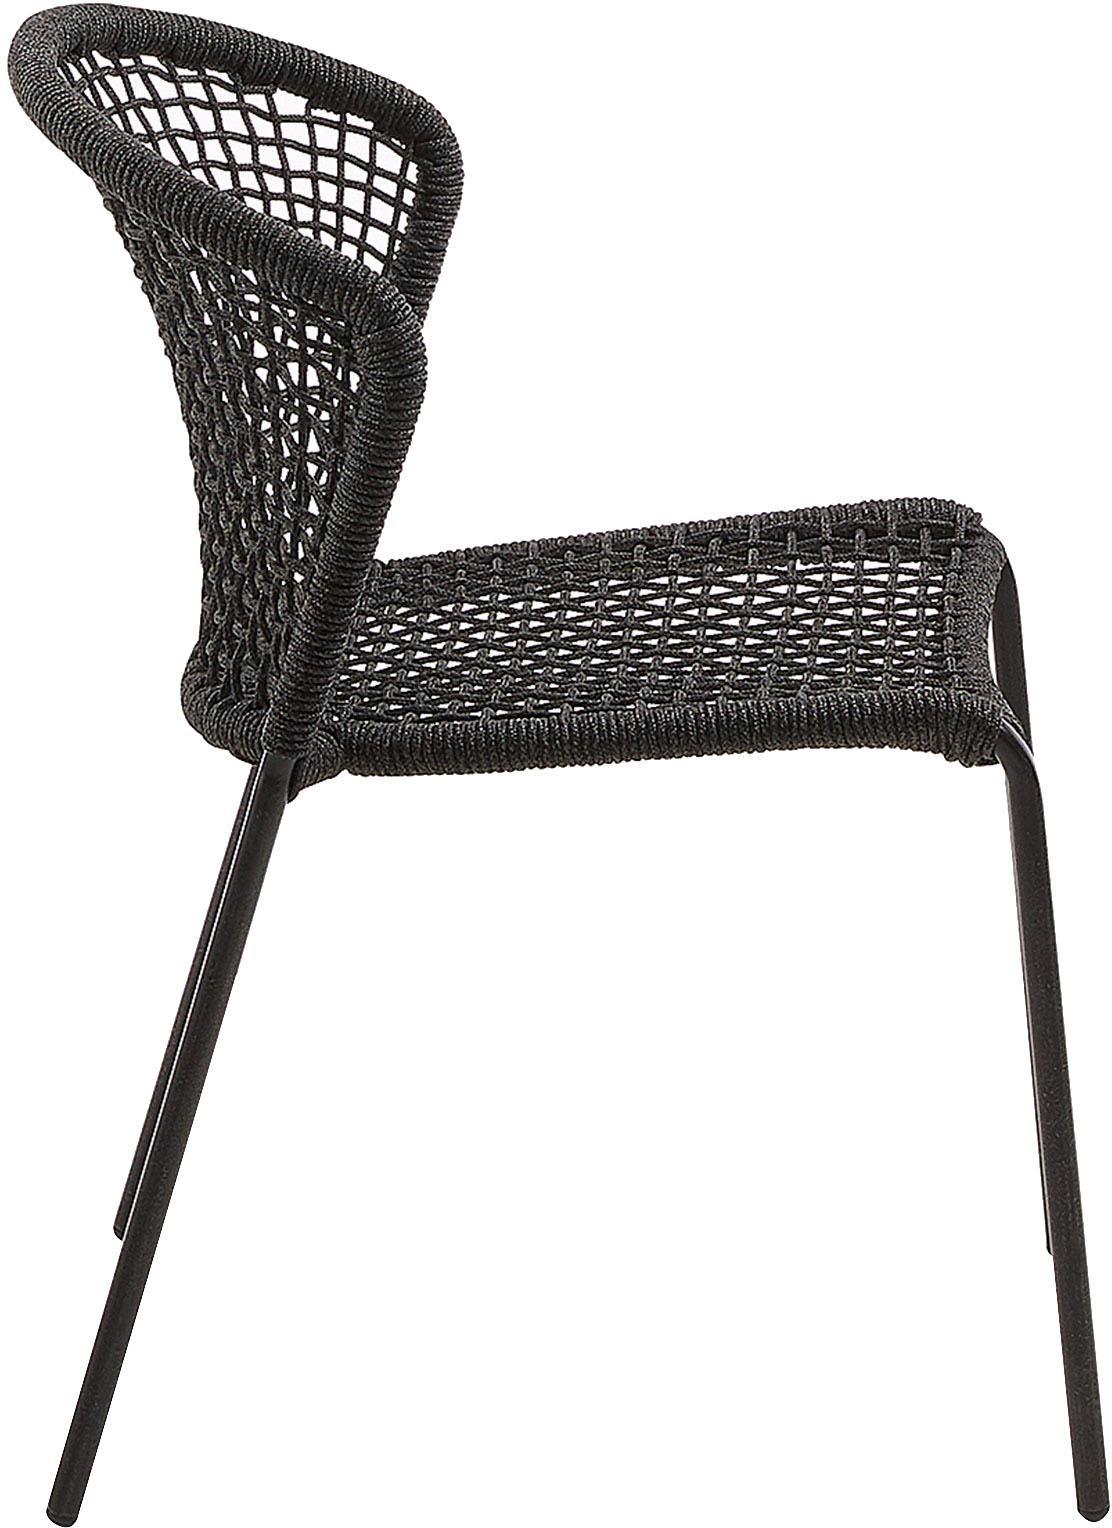 Outdoor stoelen Mathias, 2 stuks, Poten: gepoedercoat metaal, Donkergrijs, B 55 x D 62 cm